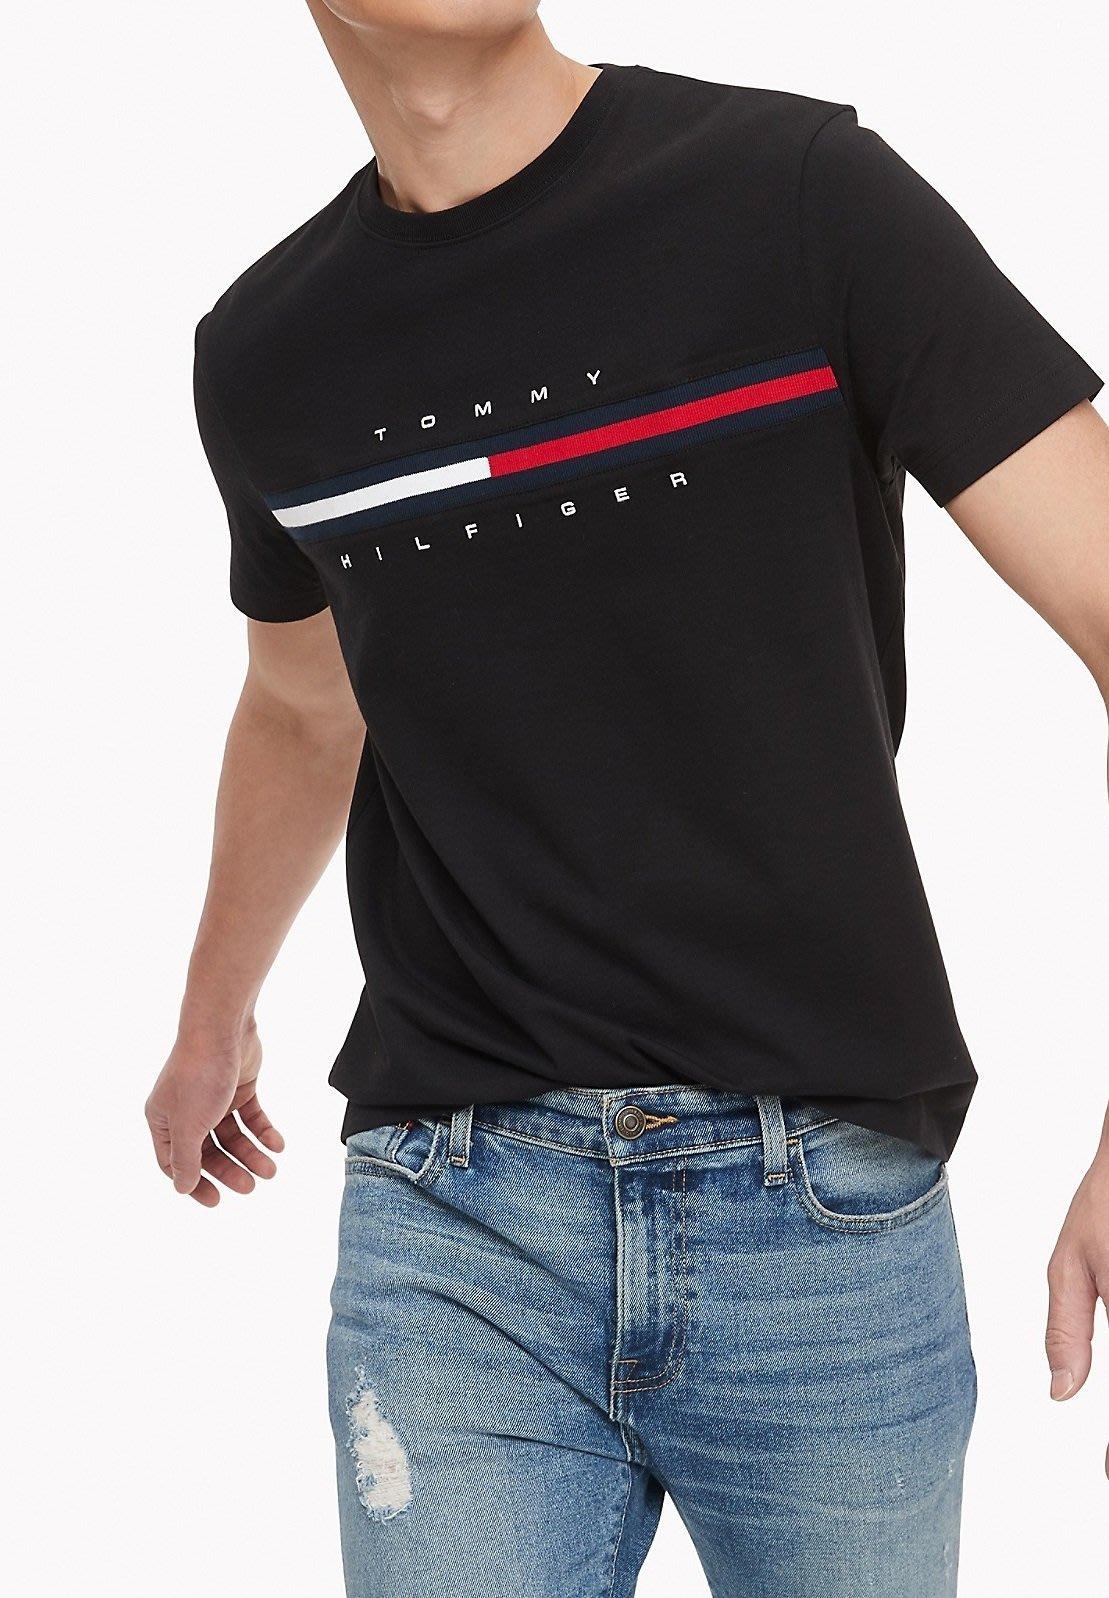 【TH男生館】☆TOMMY HILFIGER短袖T恤/熱銷款【TOM001D6】(XS-S-M-L-XL)